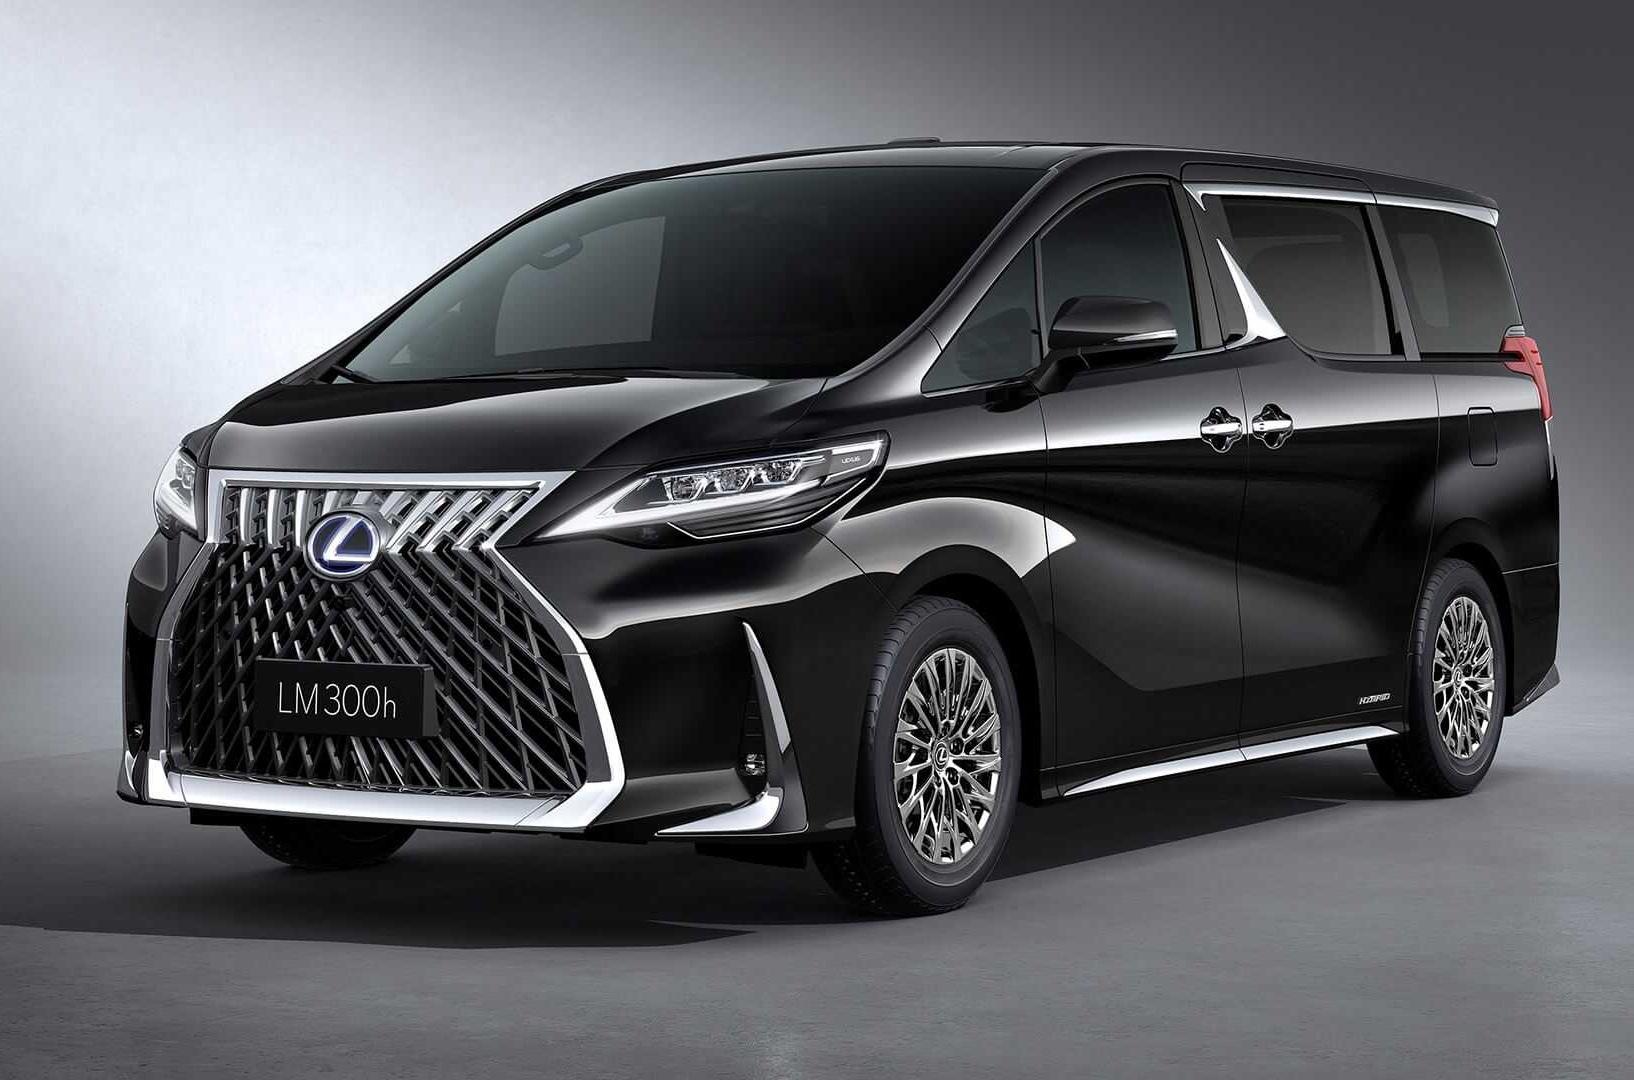 В модельном ряду Lexus появился минивэн